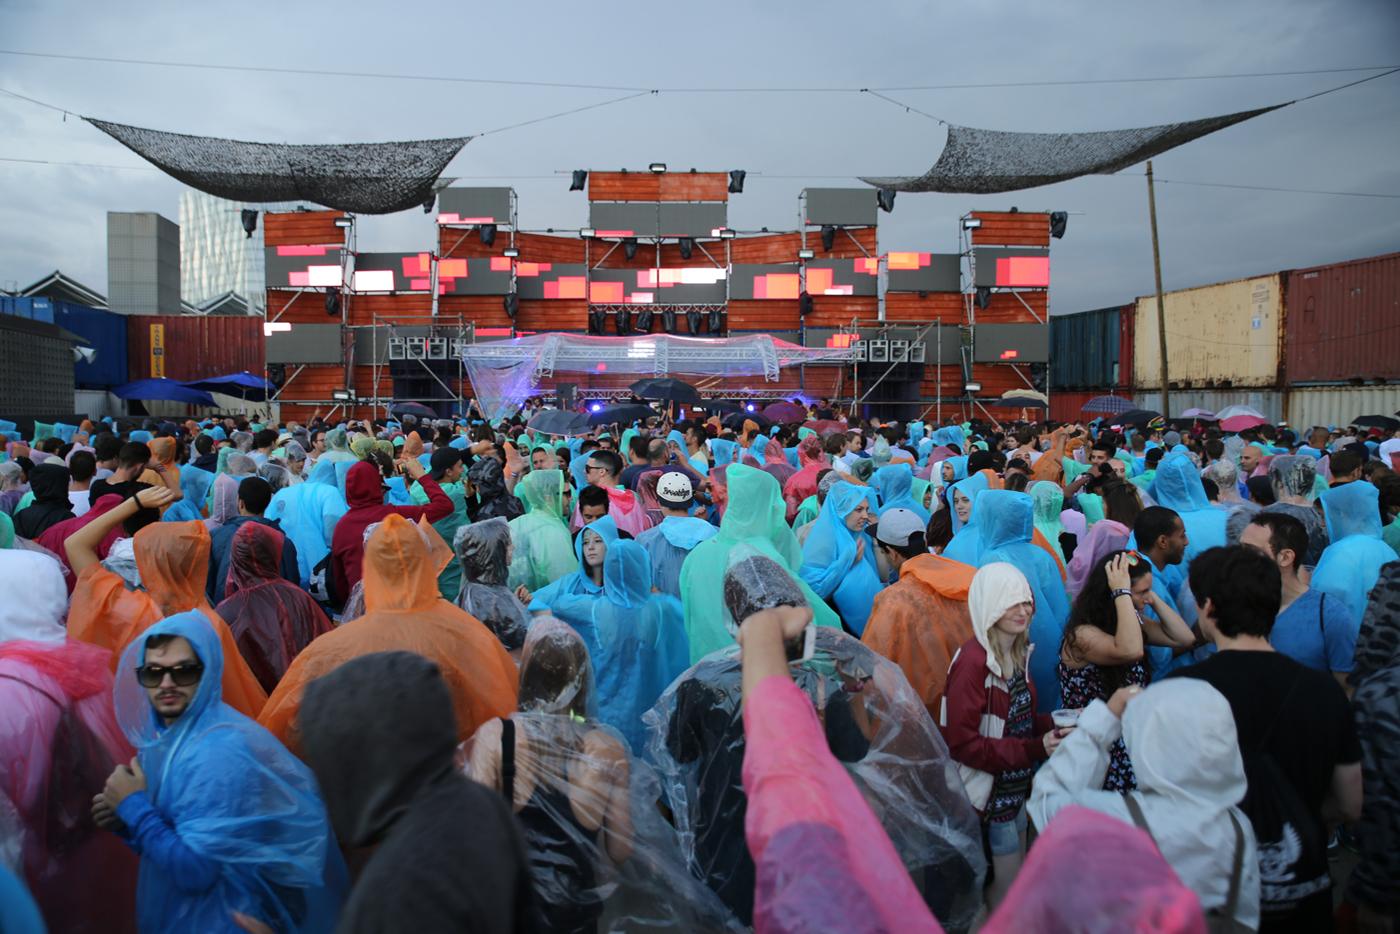 DGTL realiza su debut con lluvia y el mejor espíritu posible